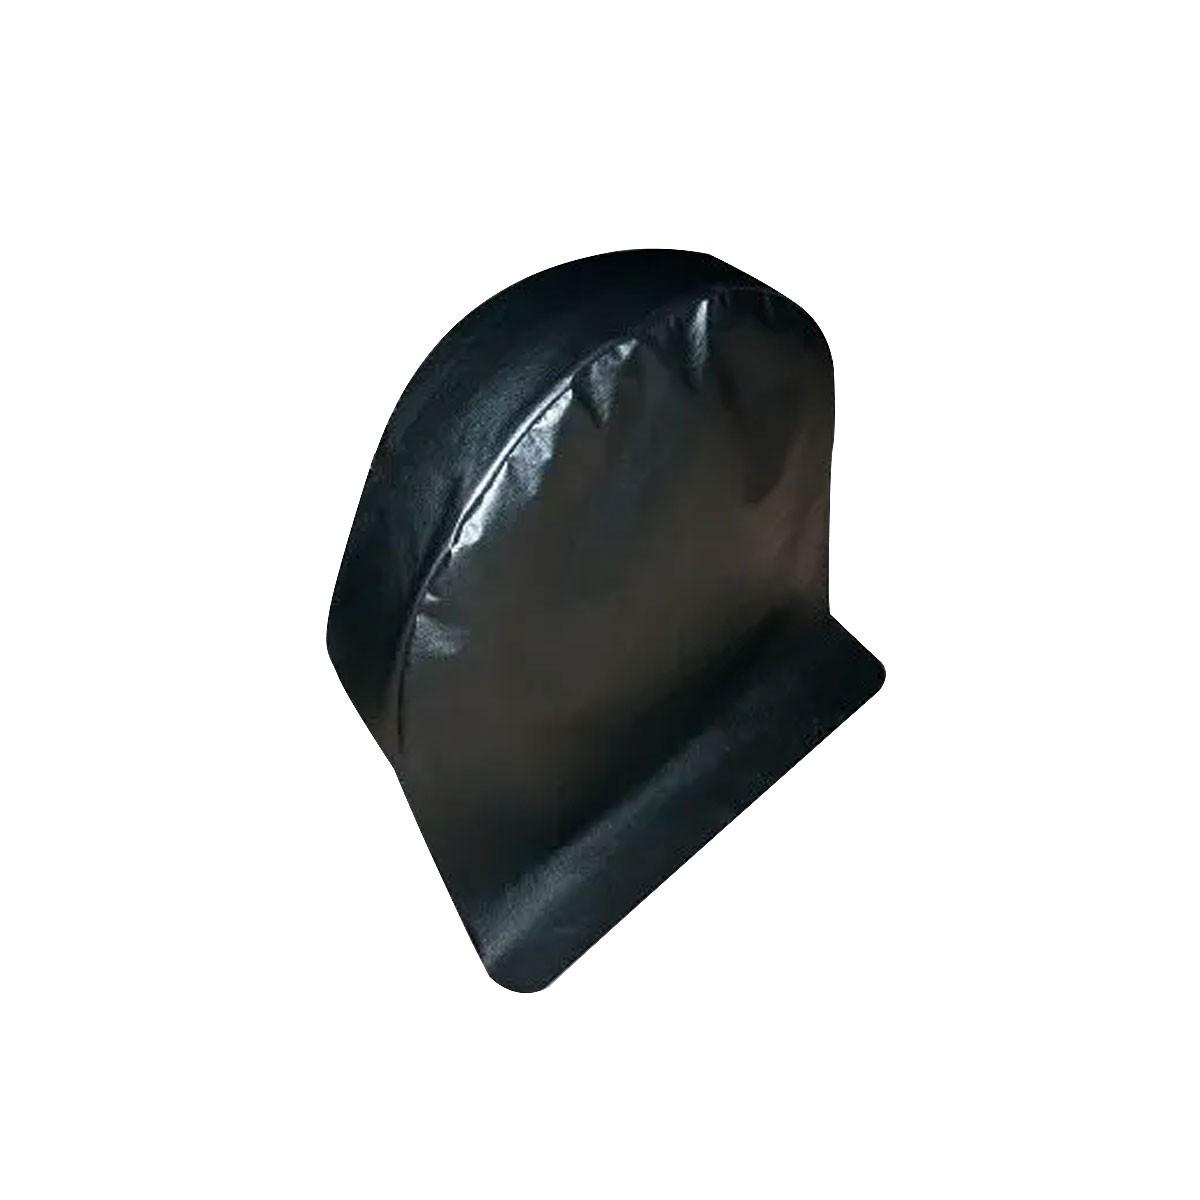 Capa Para Roda - Protetora Anti Xixi Até Aro 15 Unitária